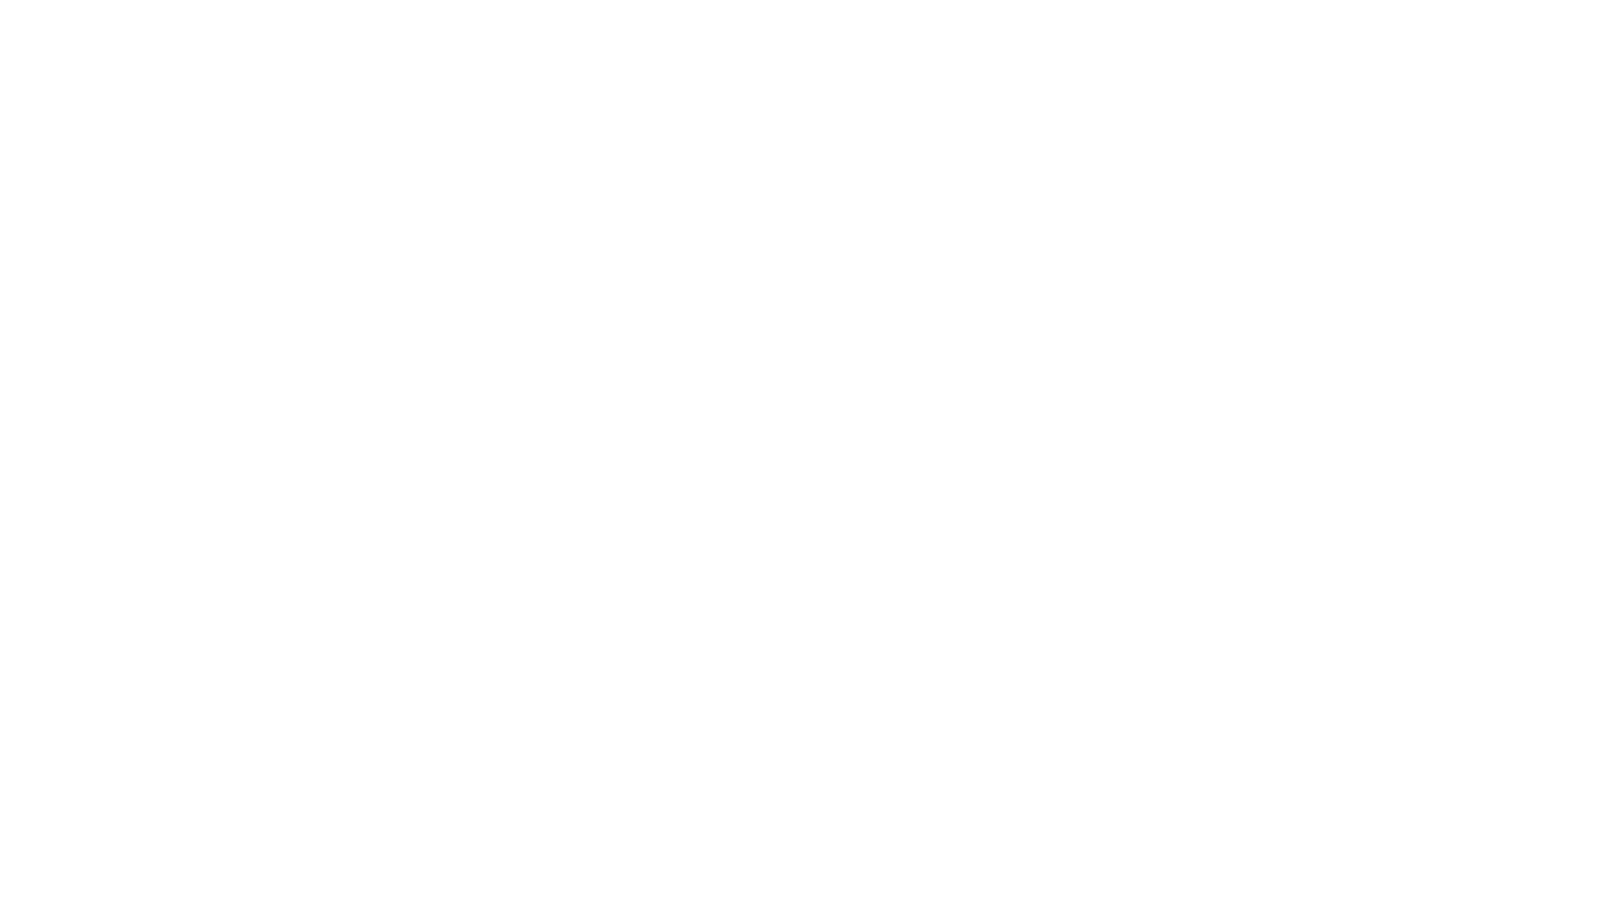 Webinar Nro 71 de la comunidad Latino .NET Online realizado el sábado 23 de octubre del 2021  🎤Speakers: Verónica Guamán  📚Tema: Estamos acostumbrados a un ciclo de vida de desarrollo de software, en el que primero creamos la Base de datos en cualquier gestor o Adm de BD y posteriormente empezamos a codificar. Con Entity Framework podemos realizarlo de esta forma o tenemos la posibilidad de ir modelando y creando nuestra base de datos a partir de código sin tocar ningún Gestor de Base de datos, en esta charla te mostraré como lograrlo paso a paso  Suscríbete! :)  Like y comparte! :)  📌 Nuestras Redes Sociales: 📌 🔴 Sitio Web: https://latinonet.online 🔴 Twitter: https://twitter.com/LatinoNETOnline 🔴 Servidor de Discord: https://go.latinonet.online/discord 🔴 Grupo de Telegram: https://go.latinonet.online/telegram